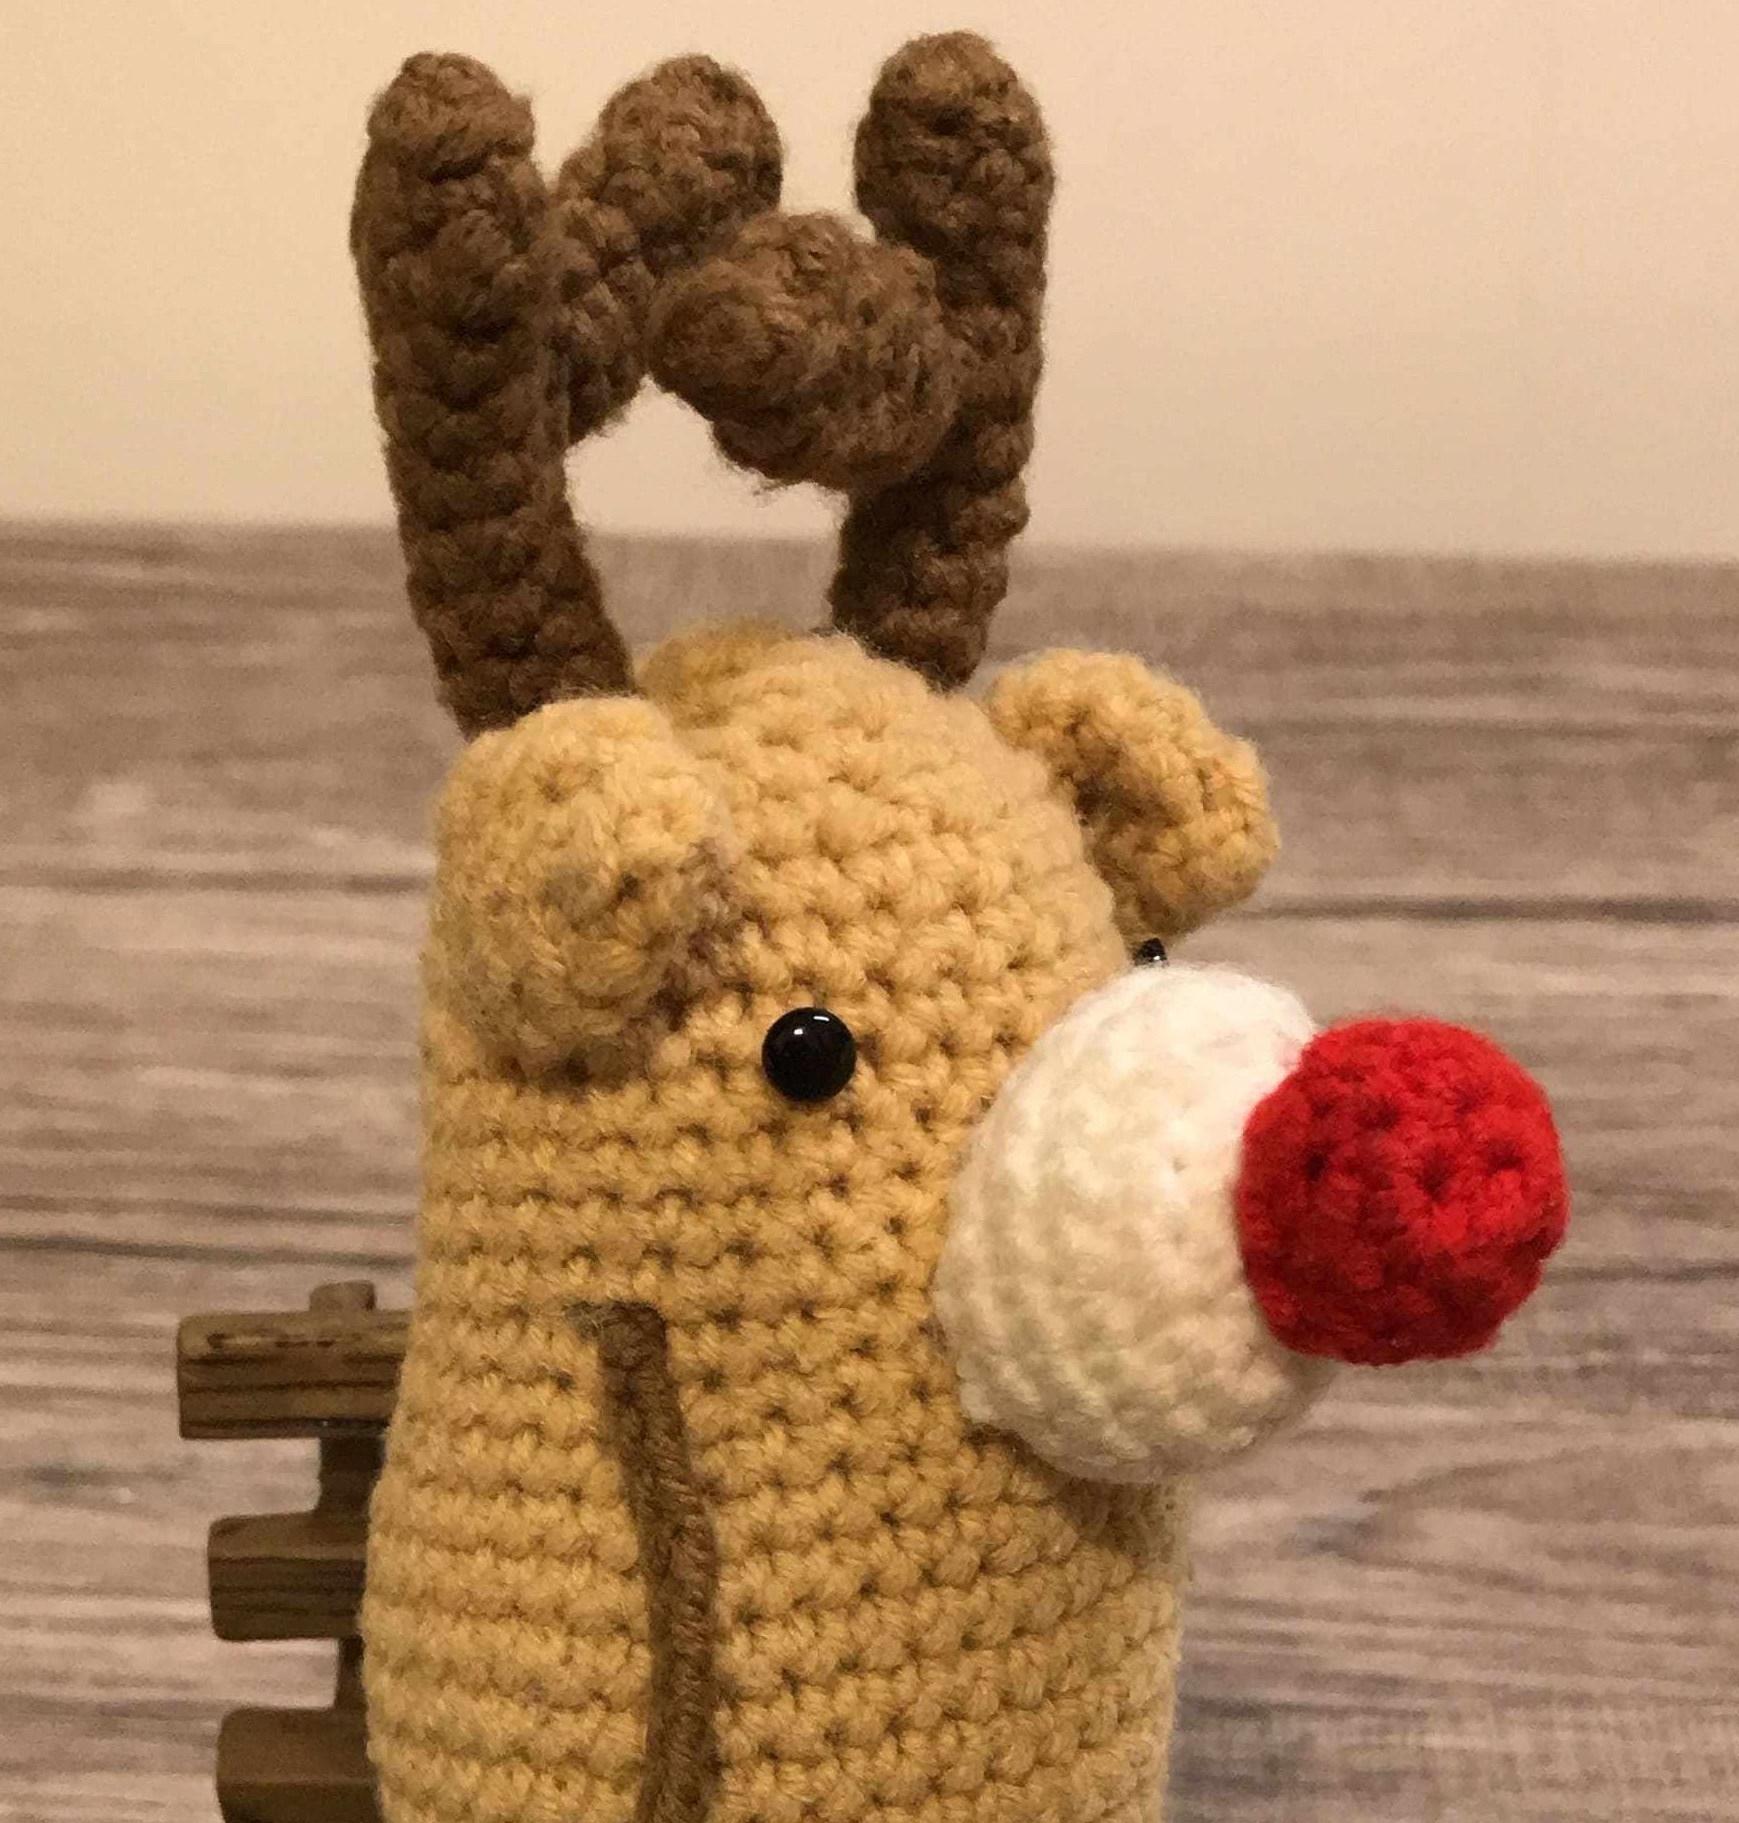 鉤針麋鹿 crochet reindeer